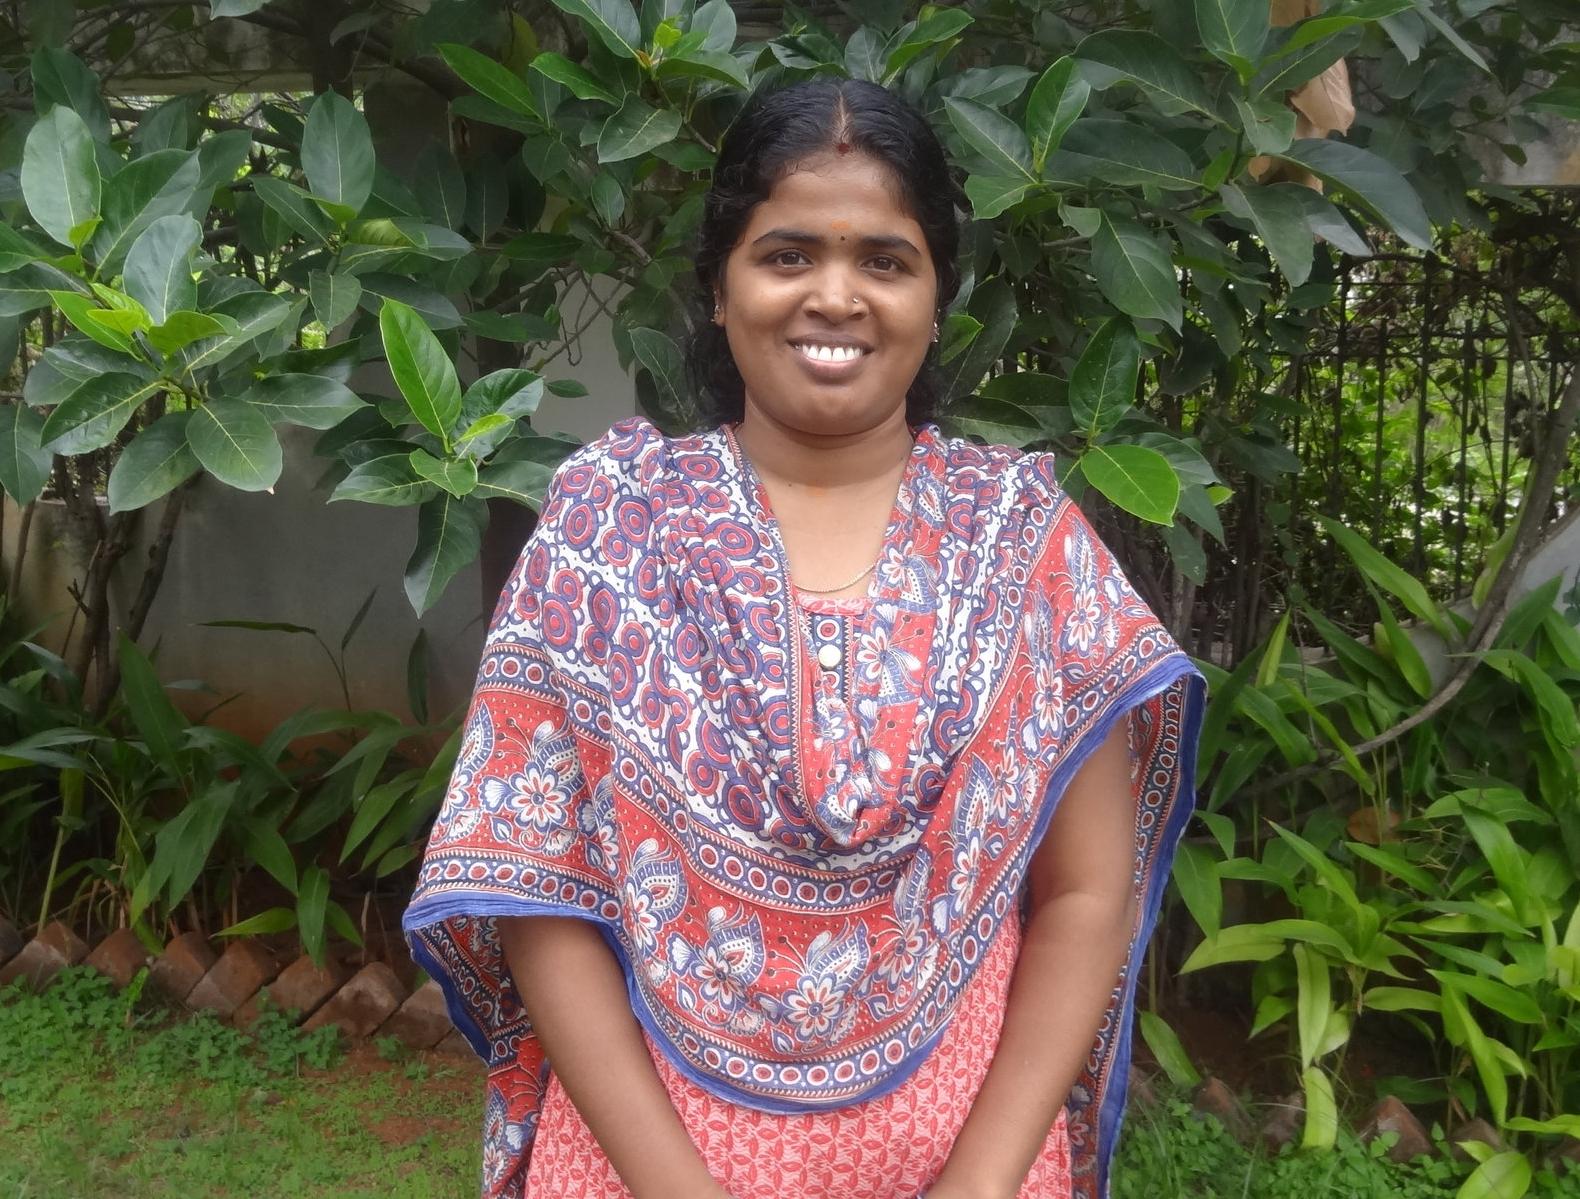 Shivamma N., Counsellor